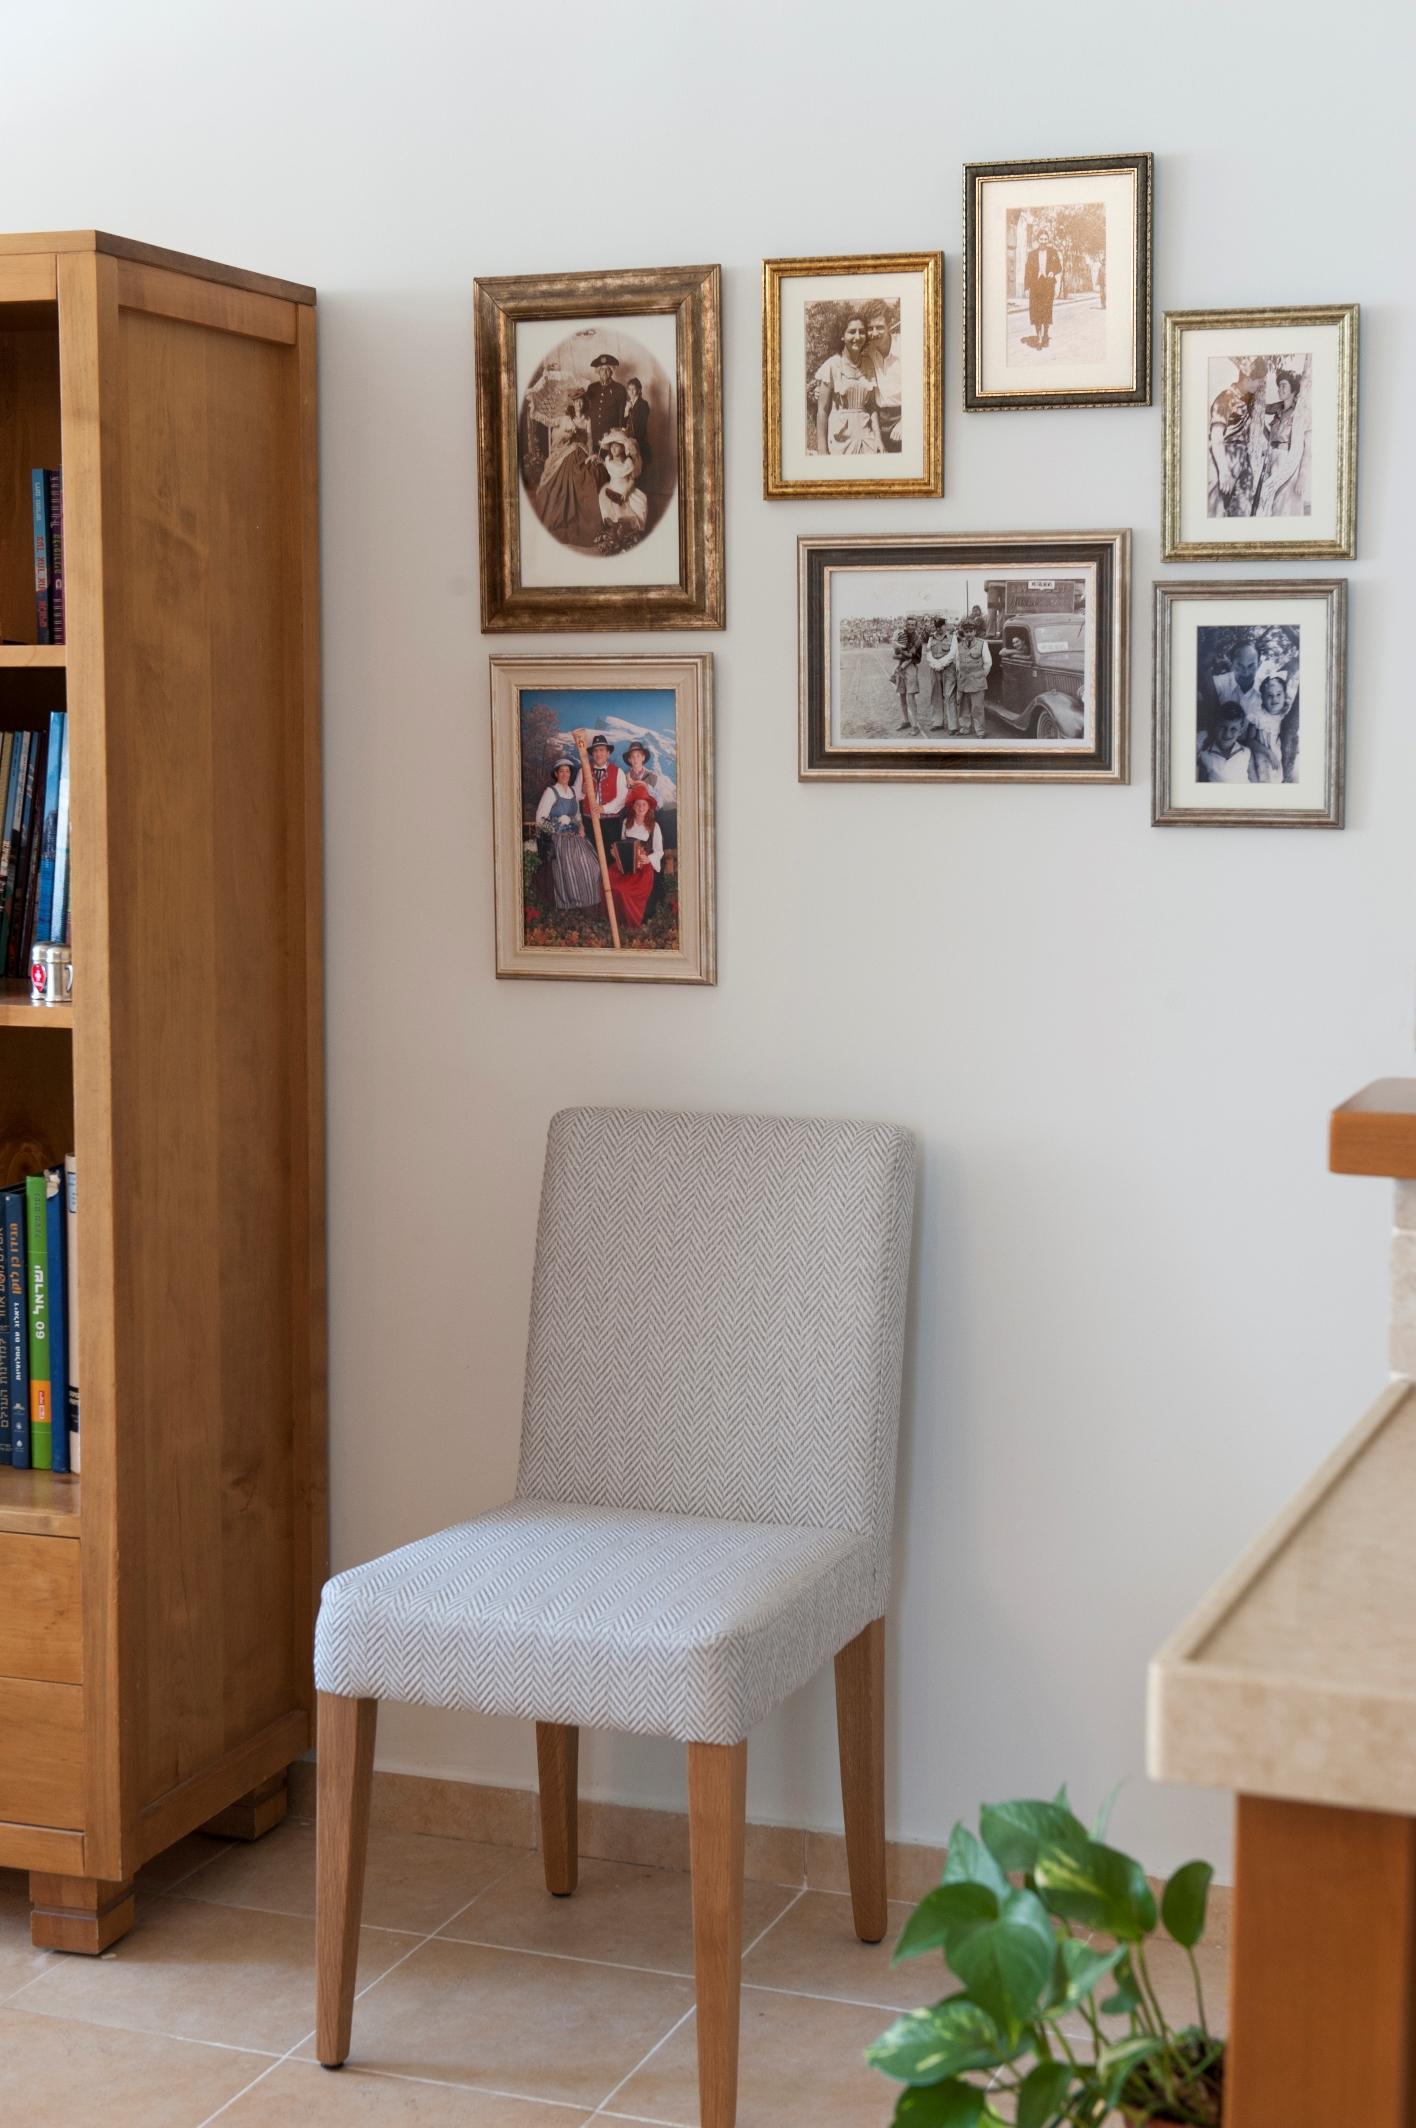 עיצוב קיר תמונות משפחה בעיצוב דירה ב